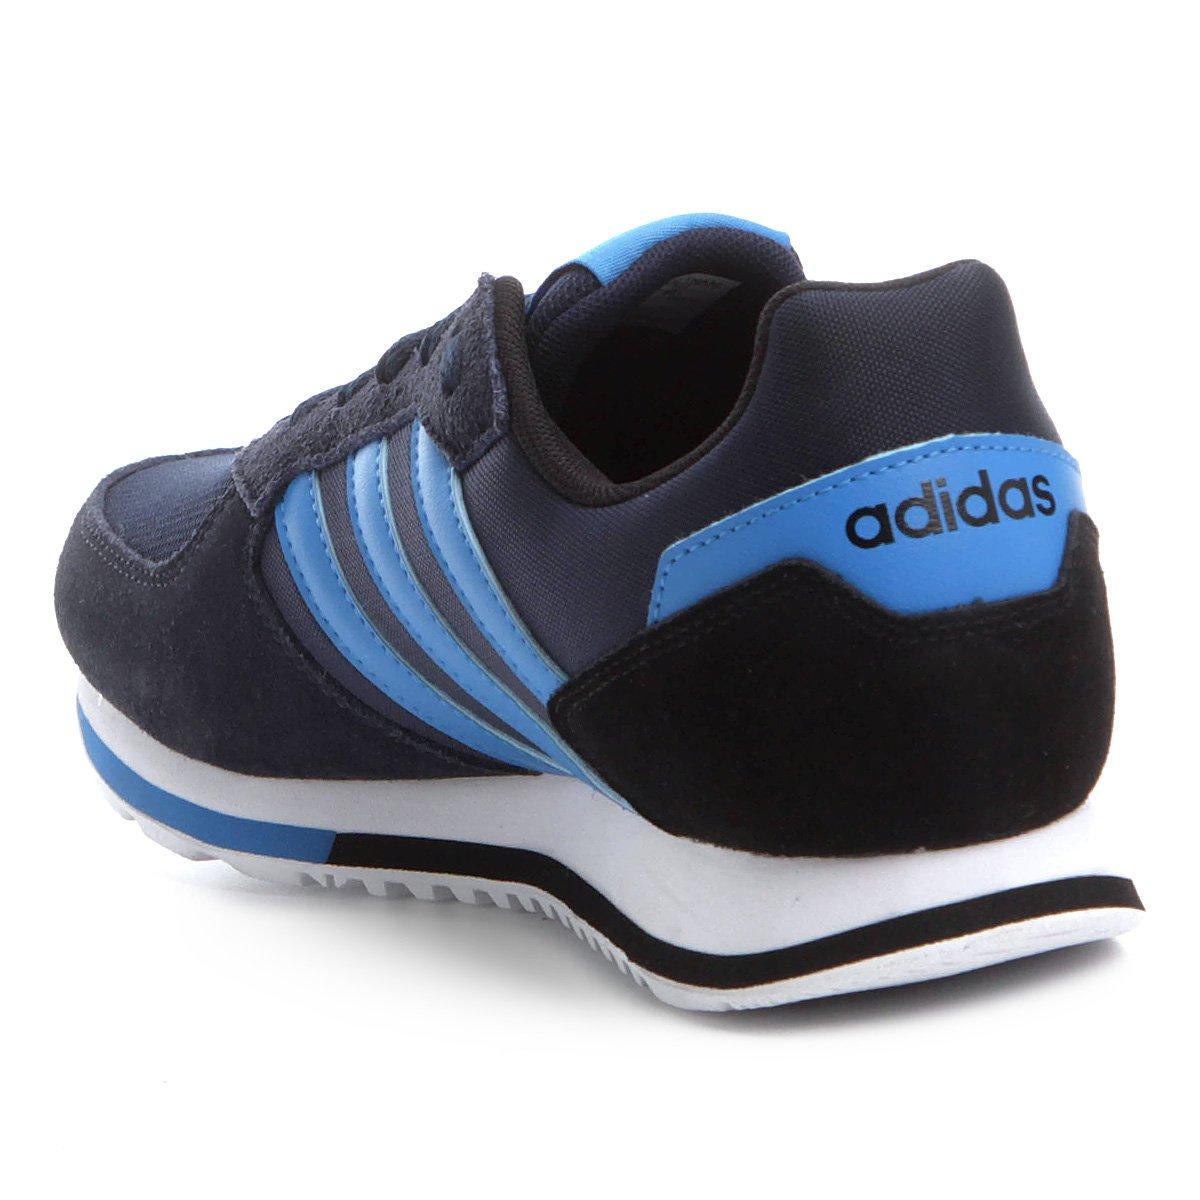 c36d704db8 Tênis Adidas 8K Masculino - Preto e Azul - Compre Agora